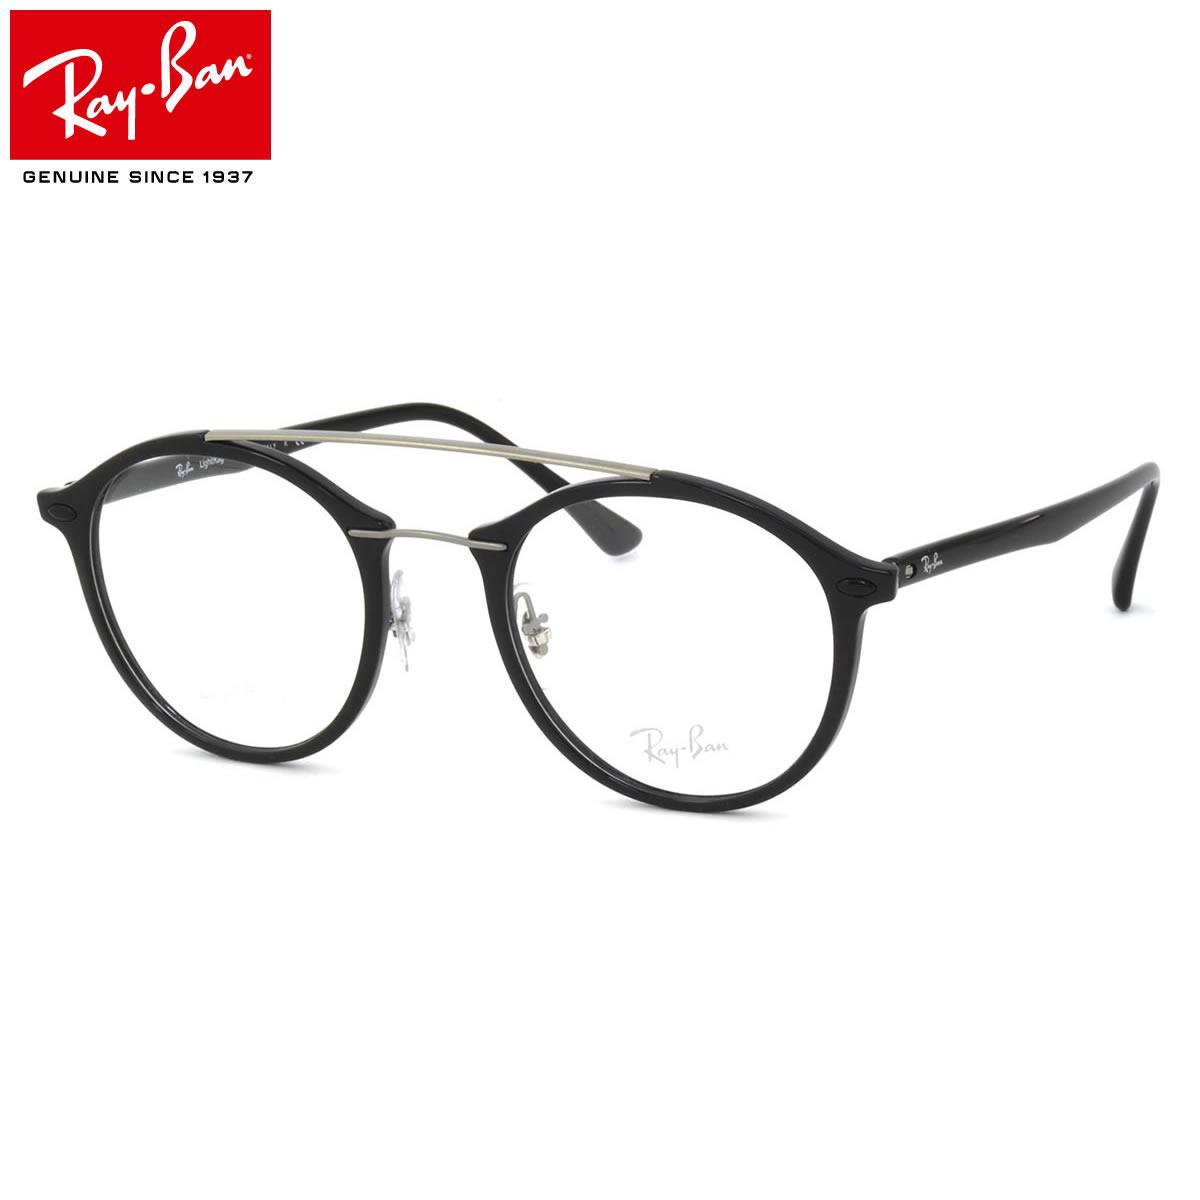 【10月30日からエントリーで全品ポイント20倍】レイバン メガネ フレーム Ray-Ban RX7111 2000 49サイズ Light Ray(ライトレイ) ラウンド 丸メガネ フレーム ツーブリッジ レイバン RAYBAN メンズ レディース